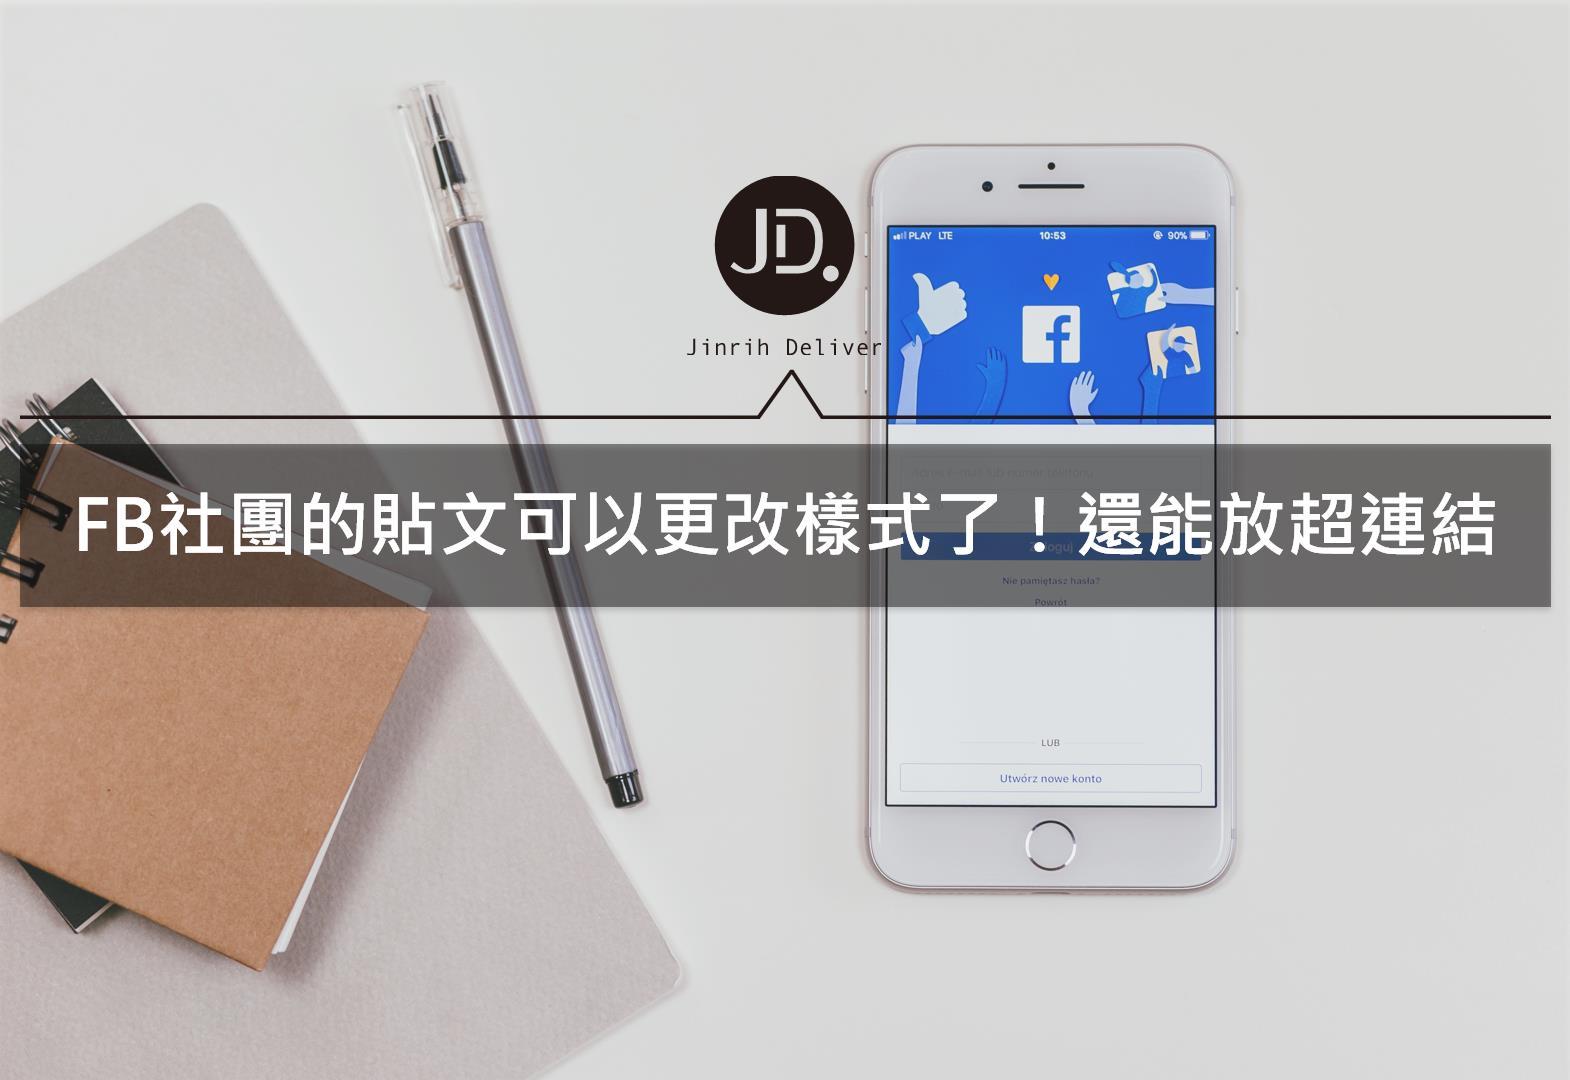 【FB社團】貼文終於能有更多變化了!大小/粗體/超連結樣樣來!